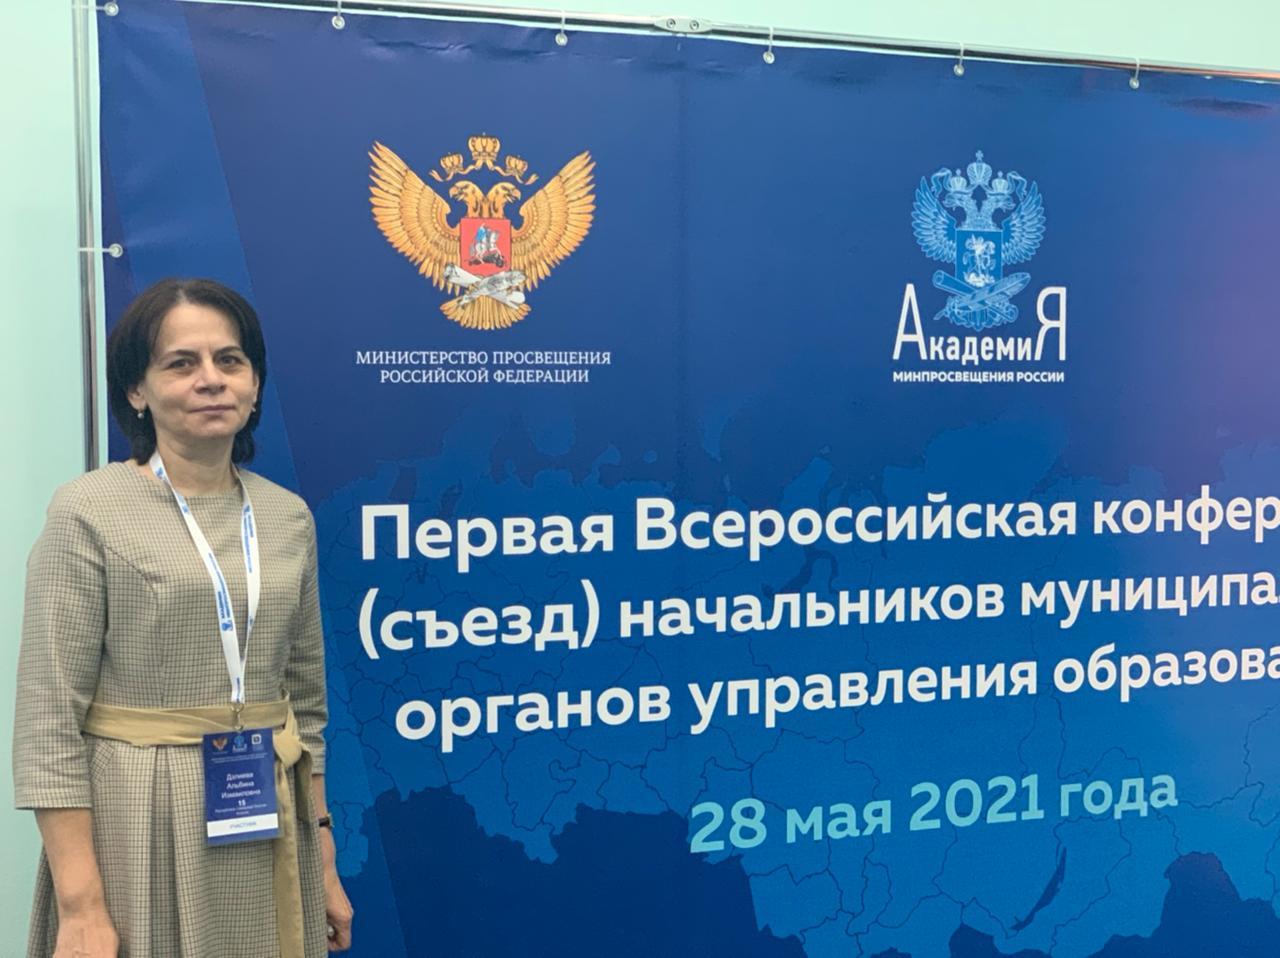 Альбина Дзлиева стала участником всероссийской конференции руководителей